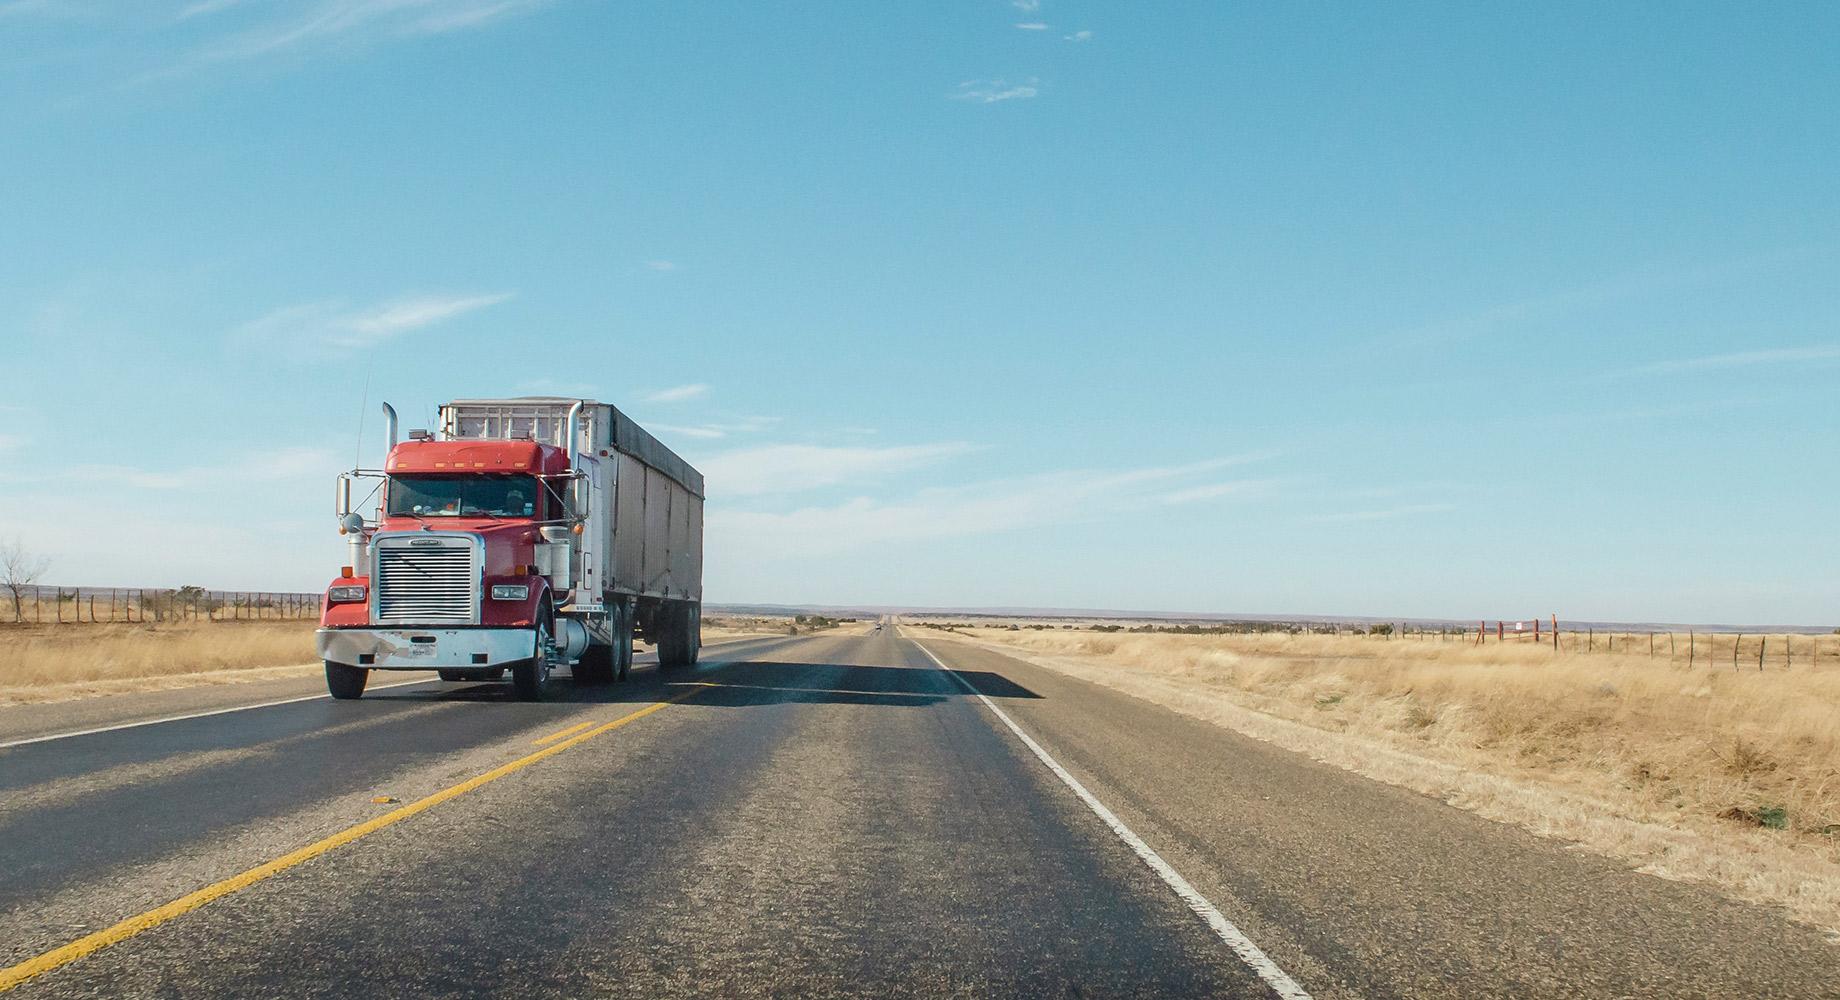 A full truckload shipment